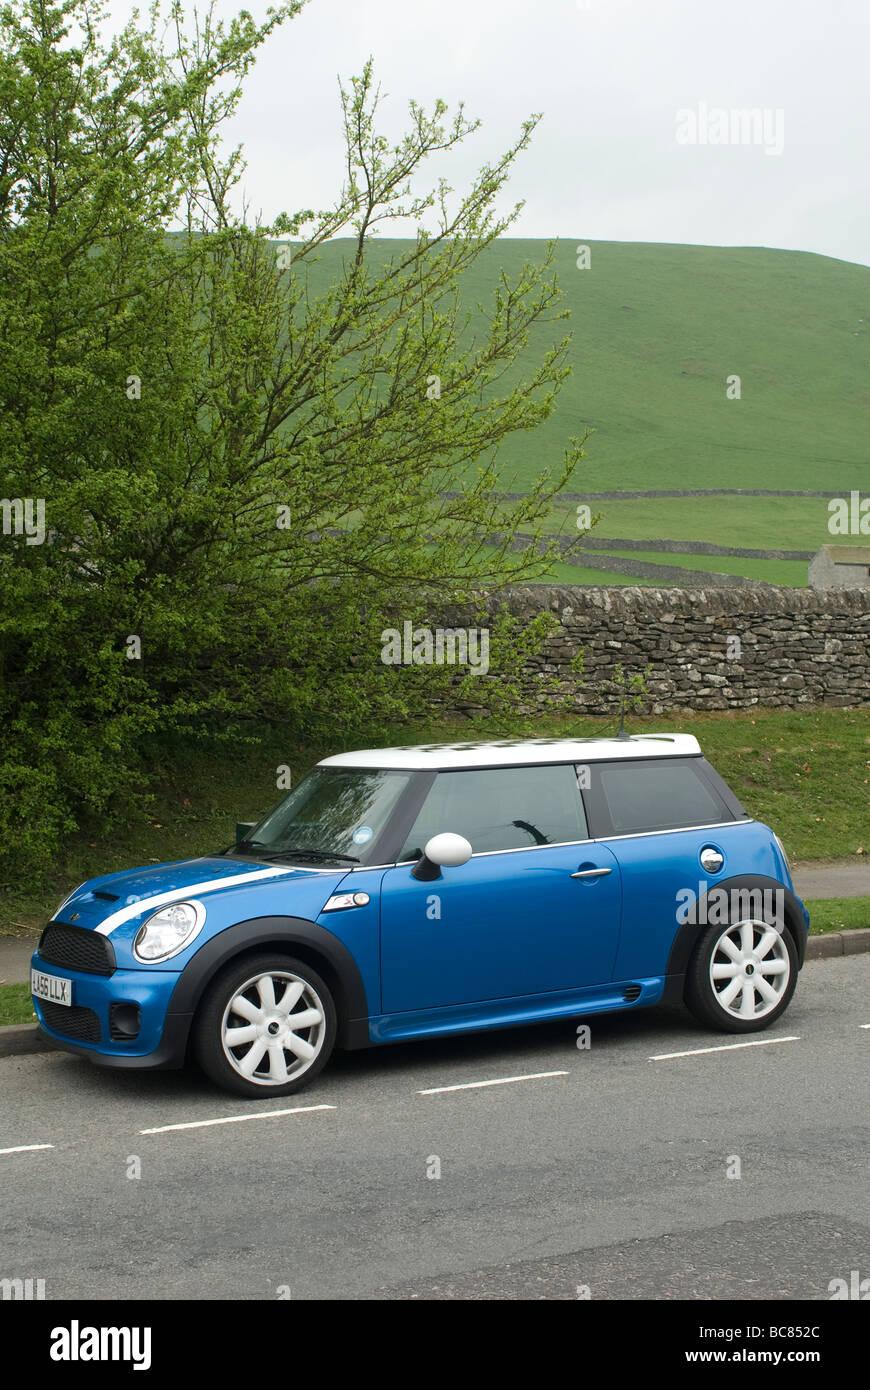 Mini cooper s bleu voiture garée sur le côté de la route dans un village de la campagne anglaise Photo Stock